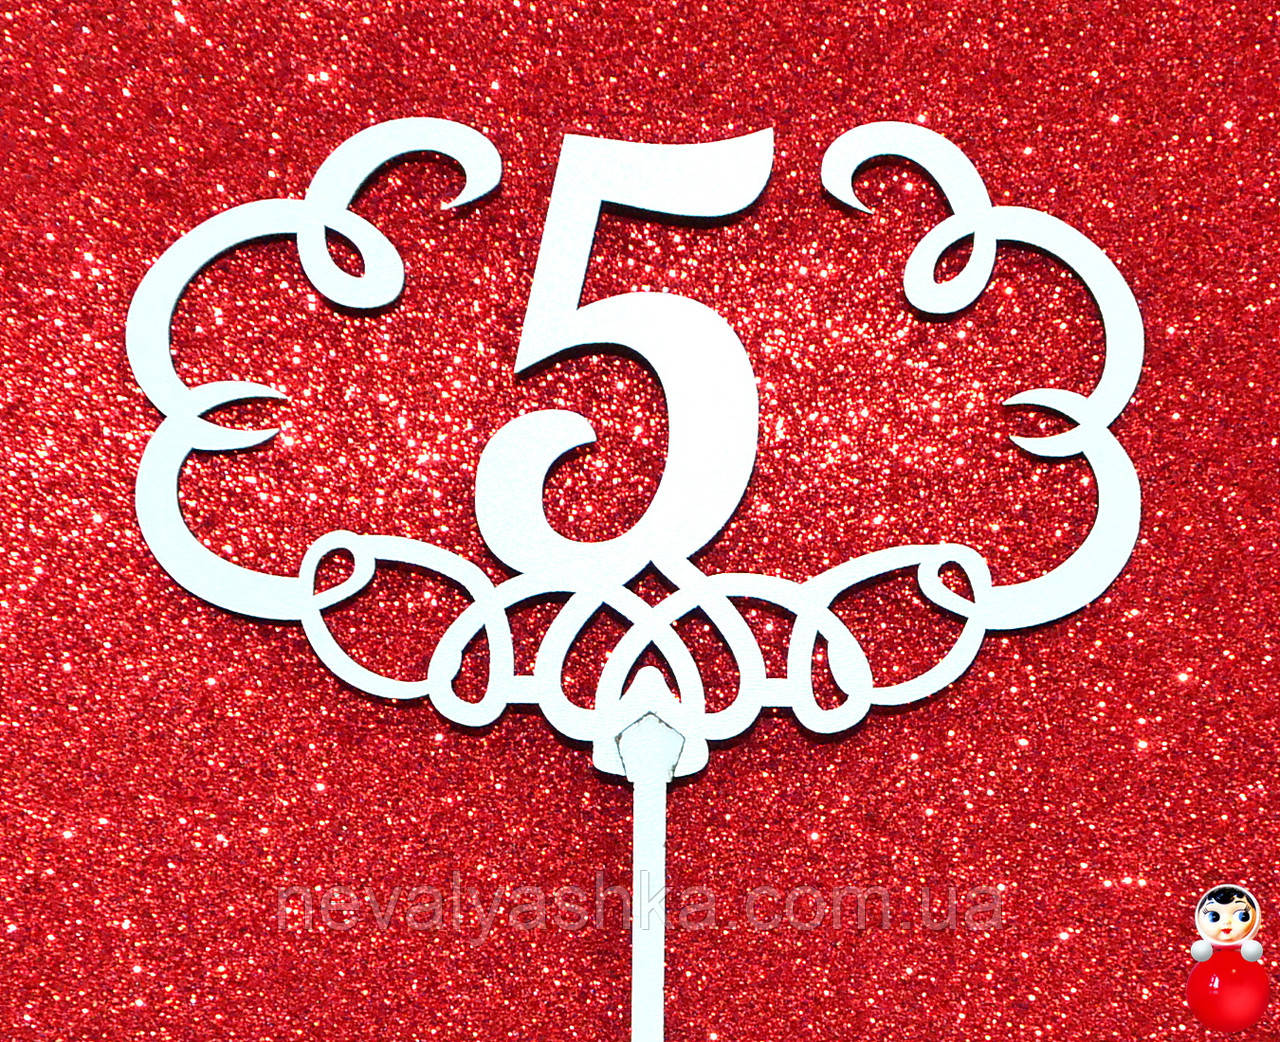 ТОППЕР Белый ДЕРЕВЯННЫЙ Цифра 5 Пятерка Пять Топперы для Торта Топер дерев'яний из дерева на капкейки